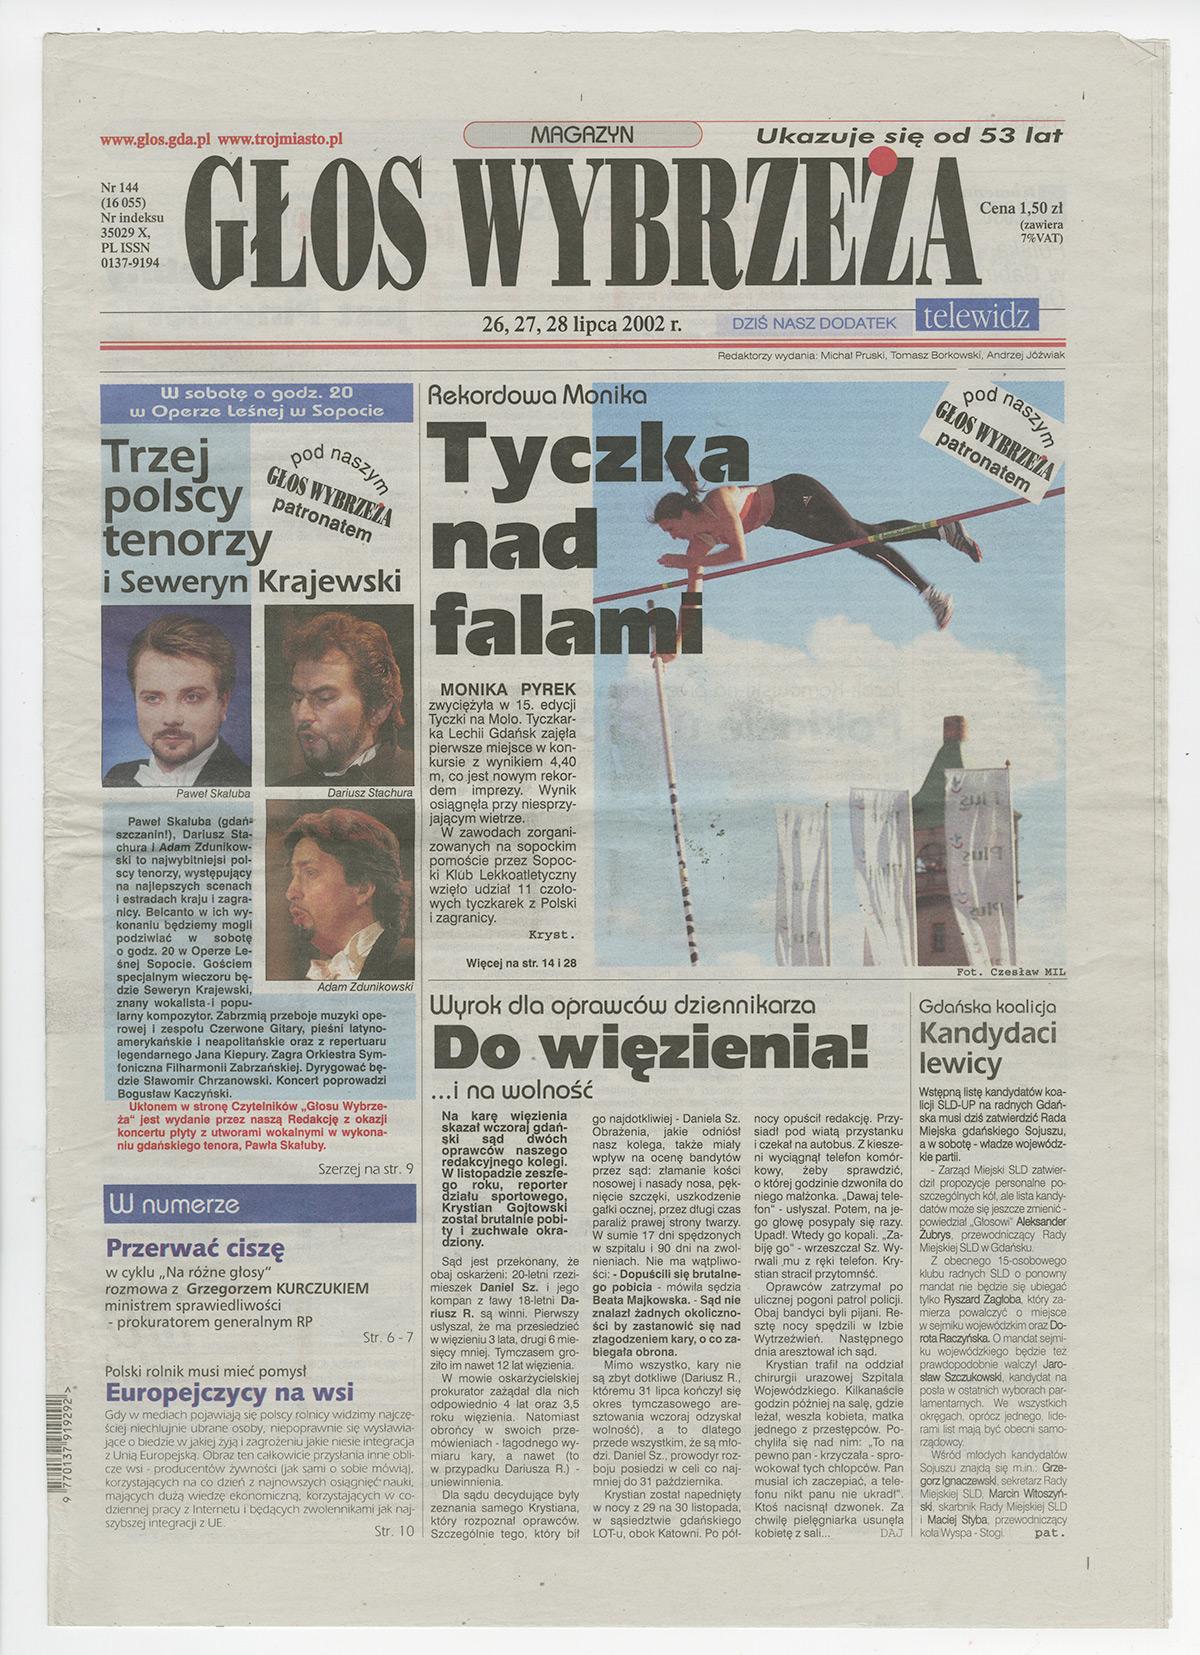 1991-2003-Glos_Wybrzeza_2002_Trzej_polscy_tenorzy_i_SK